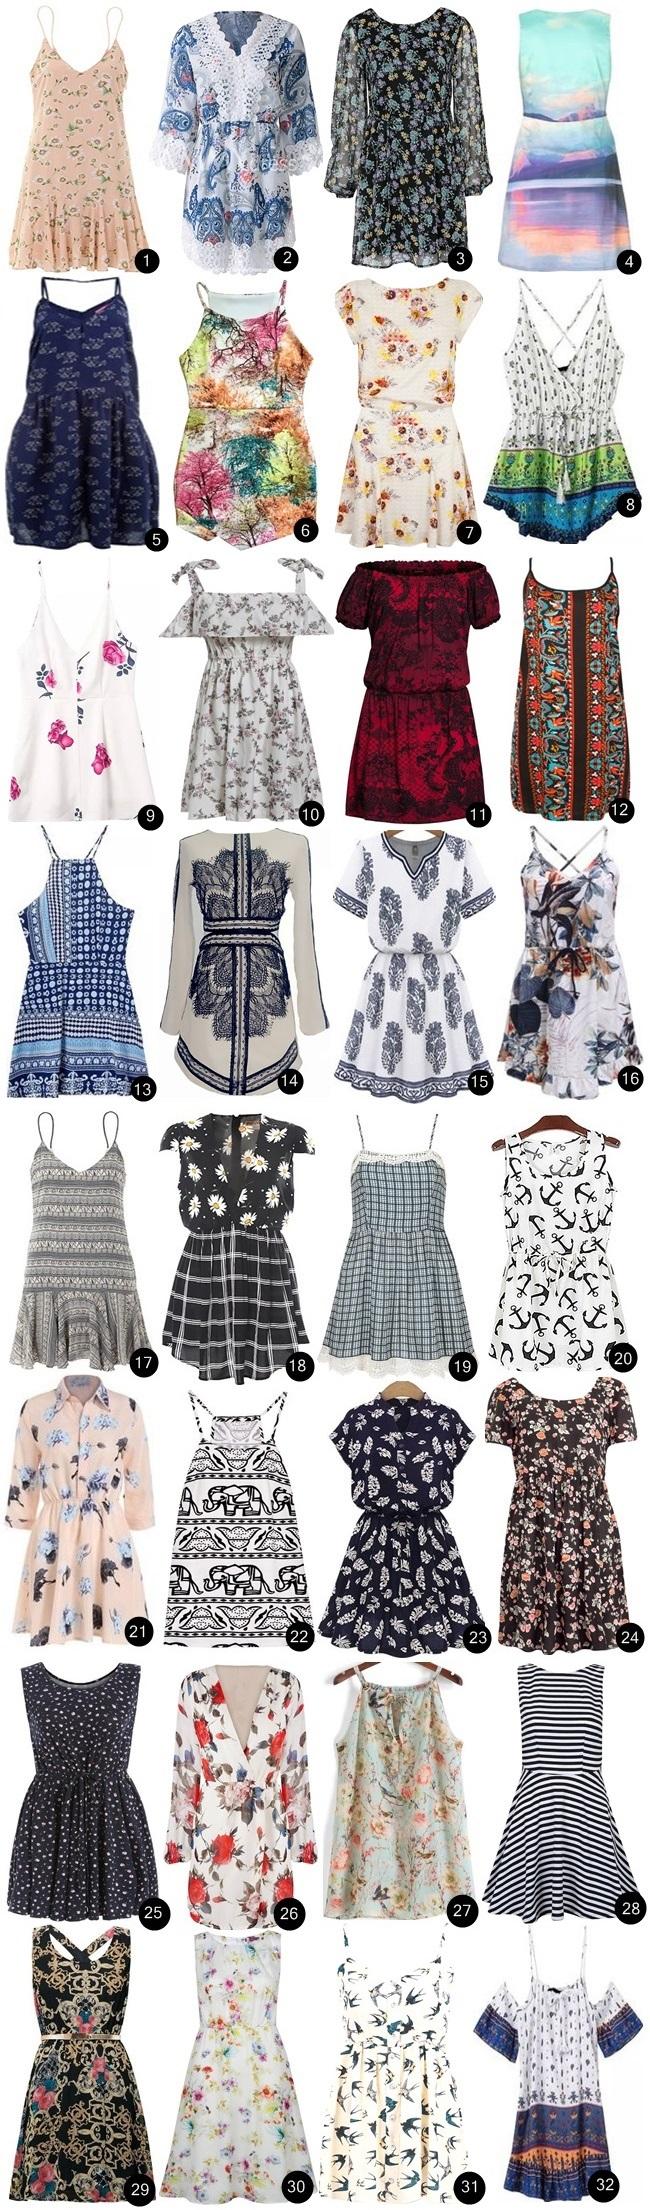 onde-comprar-na-internet-vestidos-estampados